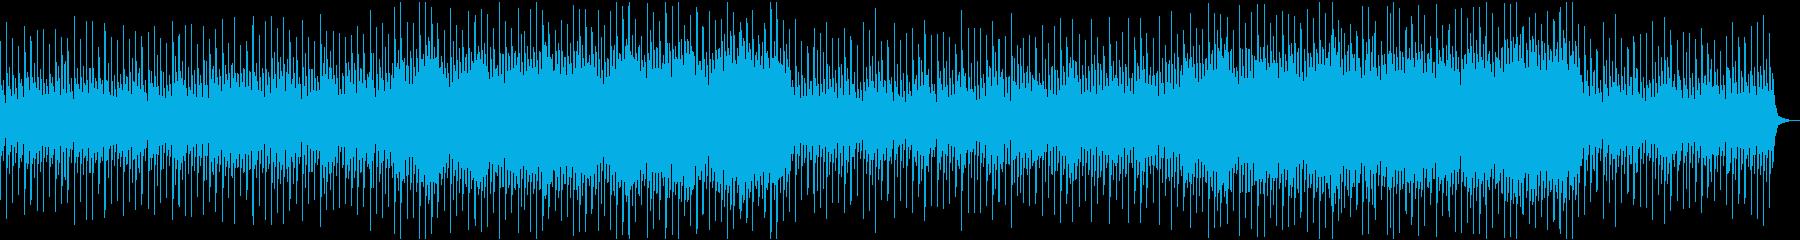 製品チュートリアル企業VPコーポレートaの再生済みの波形